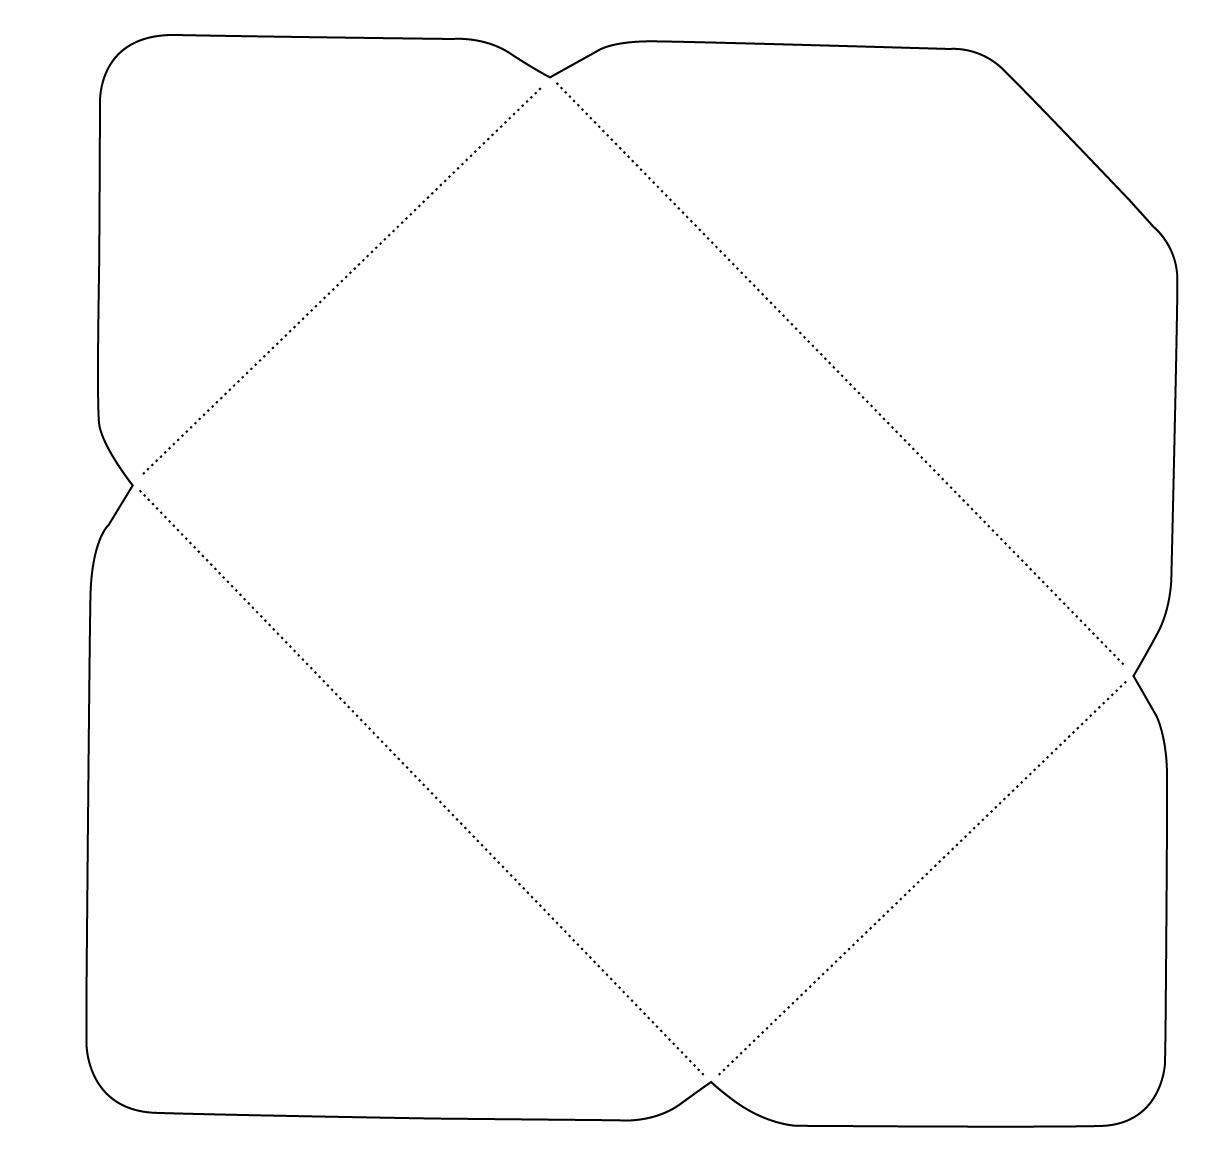 Шаблоны для распечатки конвертов из бумаги, инструкция